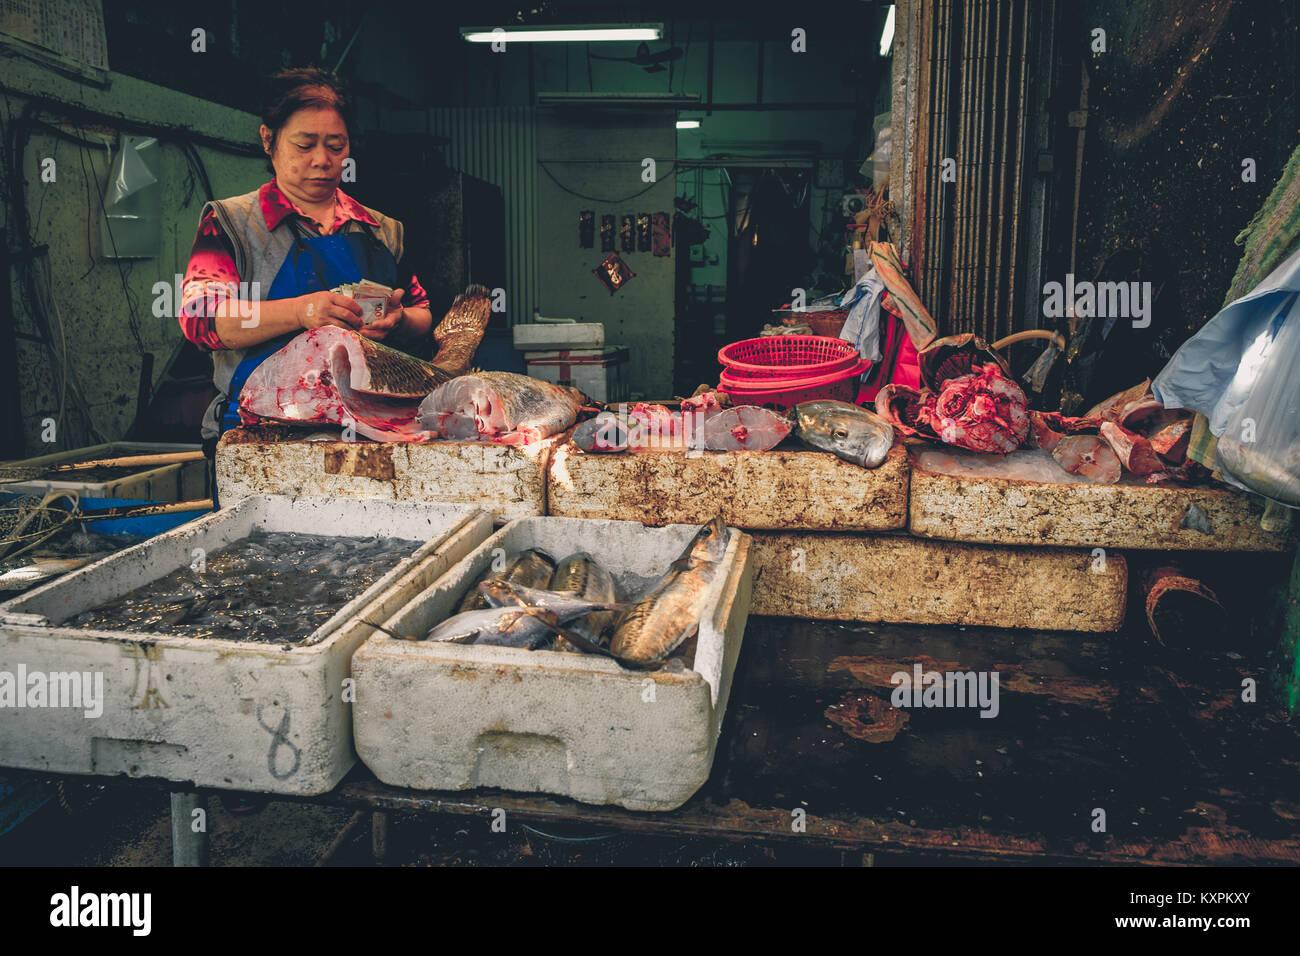 Fish market at Tai O on Lantau Island in Hong Kong. - Stock Image